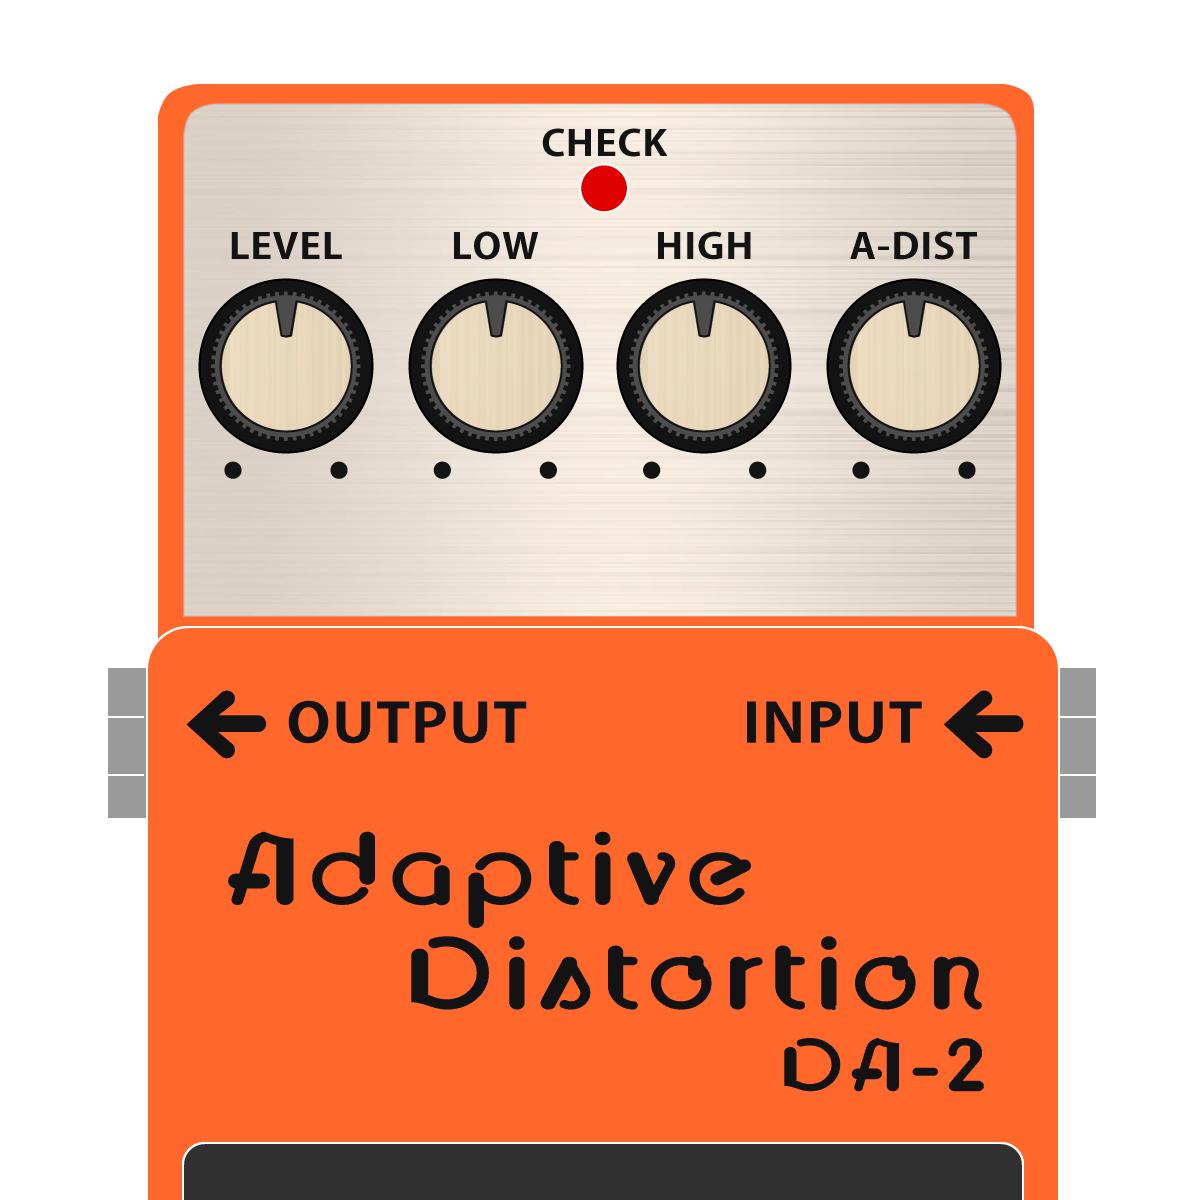 DA-2 Adaptive Distortion(ディストーション)